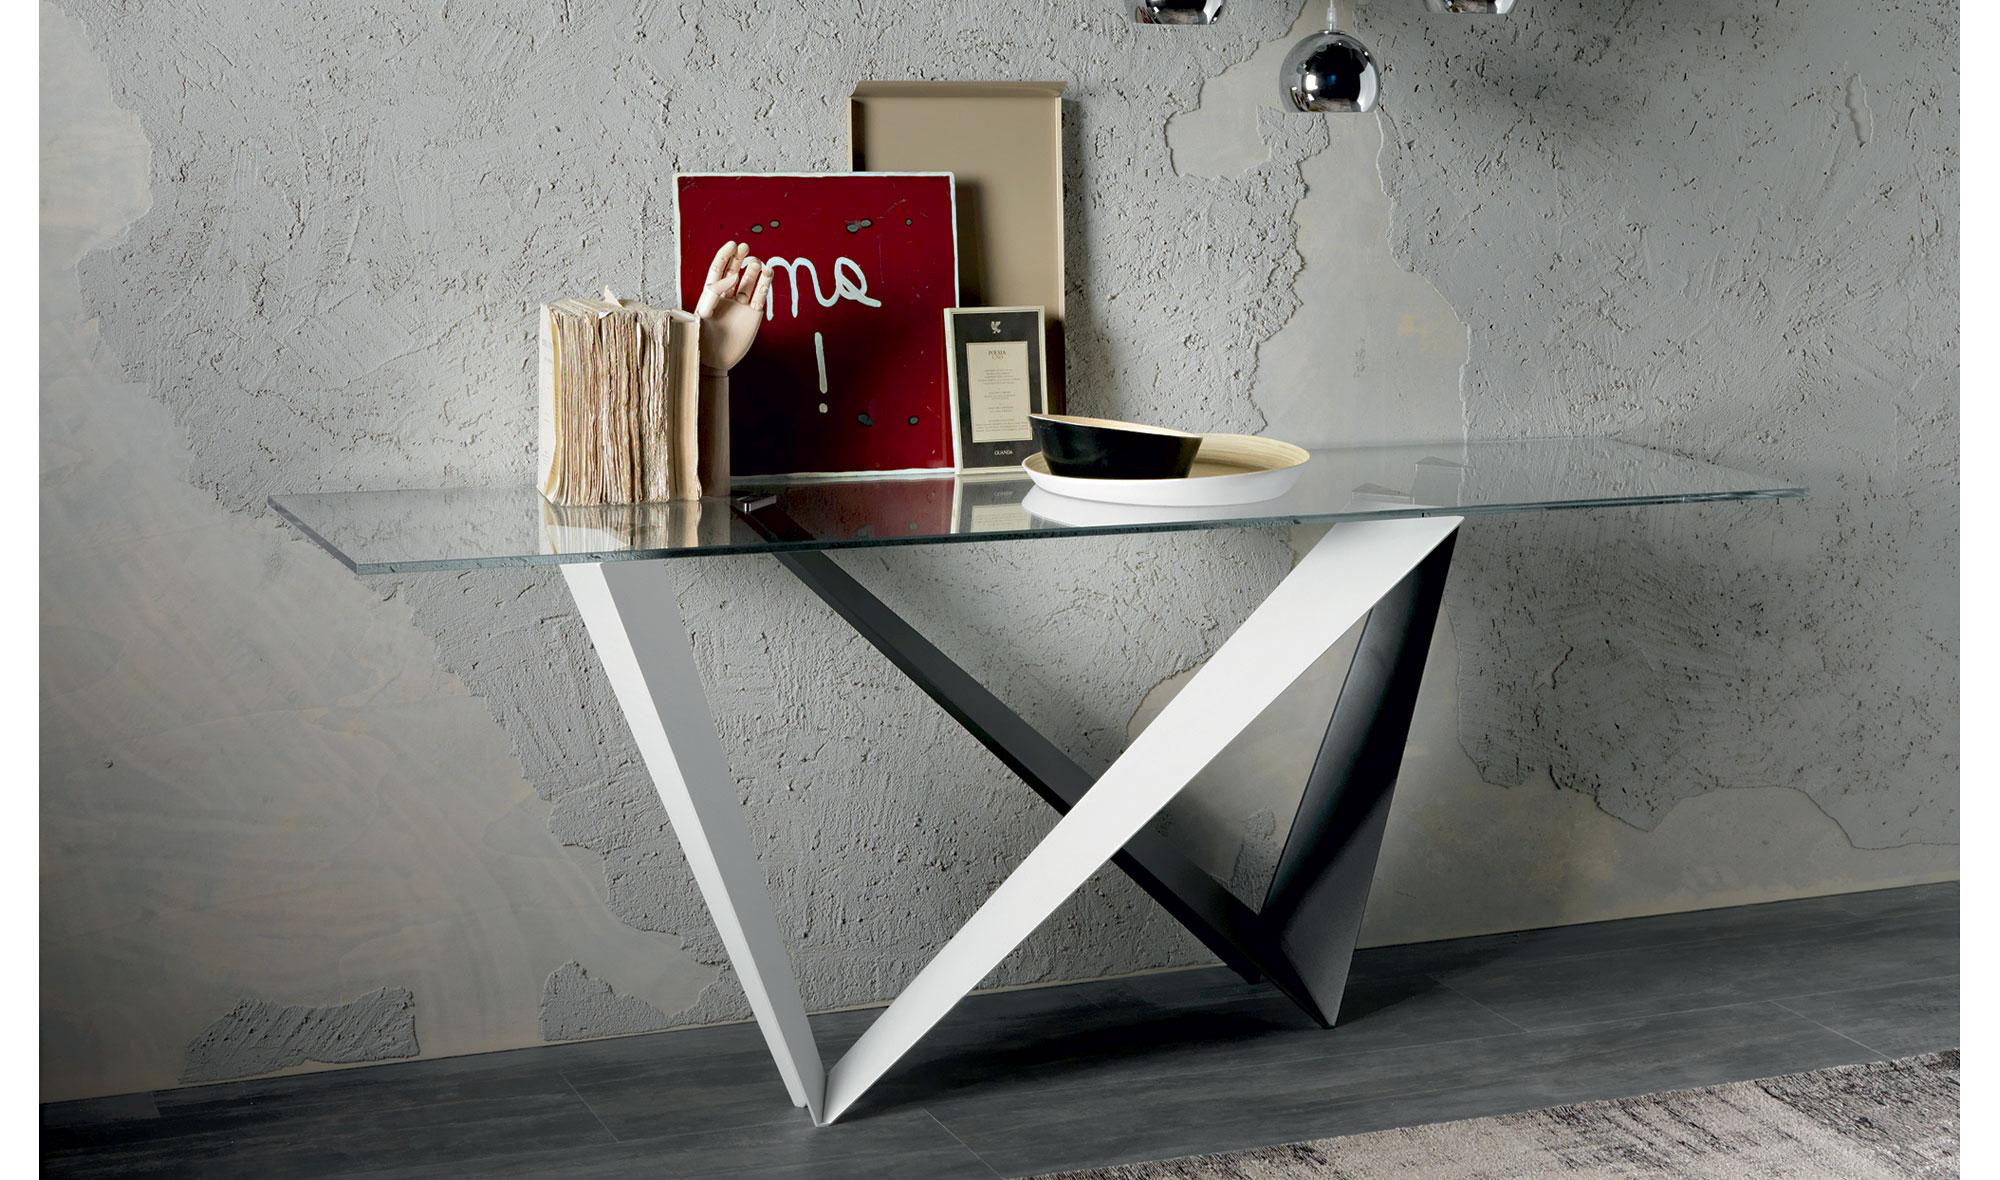 Magnífico Muebles Costcribs Adorno - Muebles Para Ideas de Diseño de ...